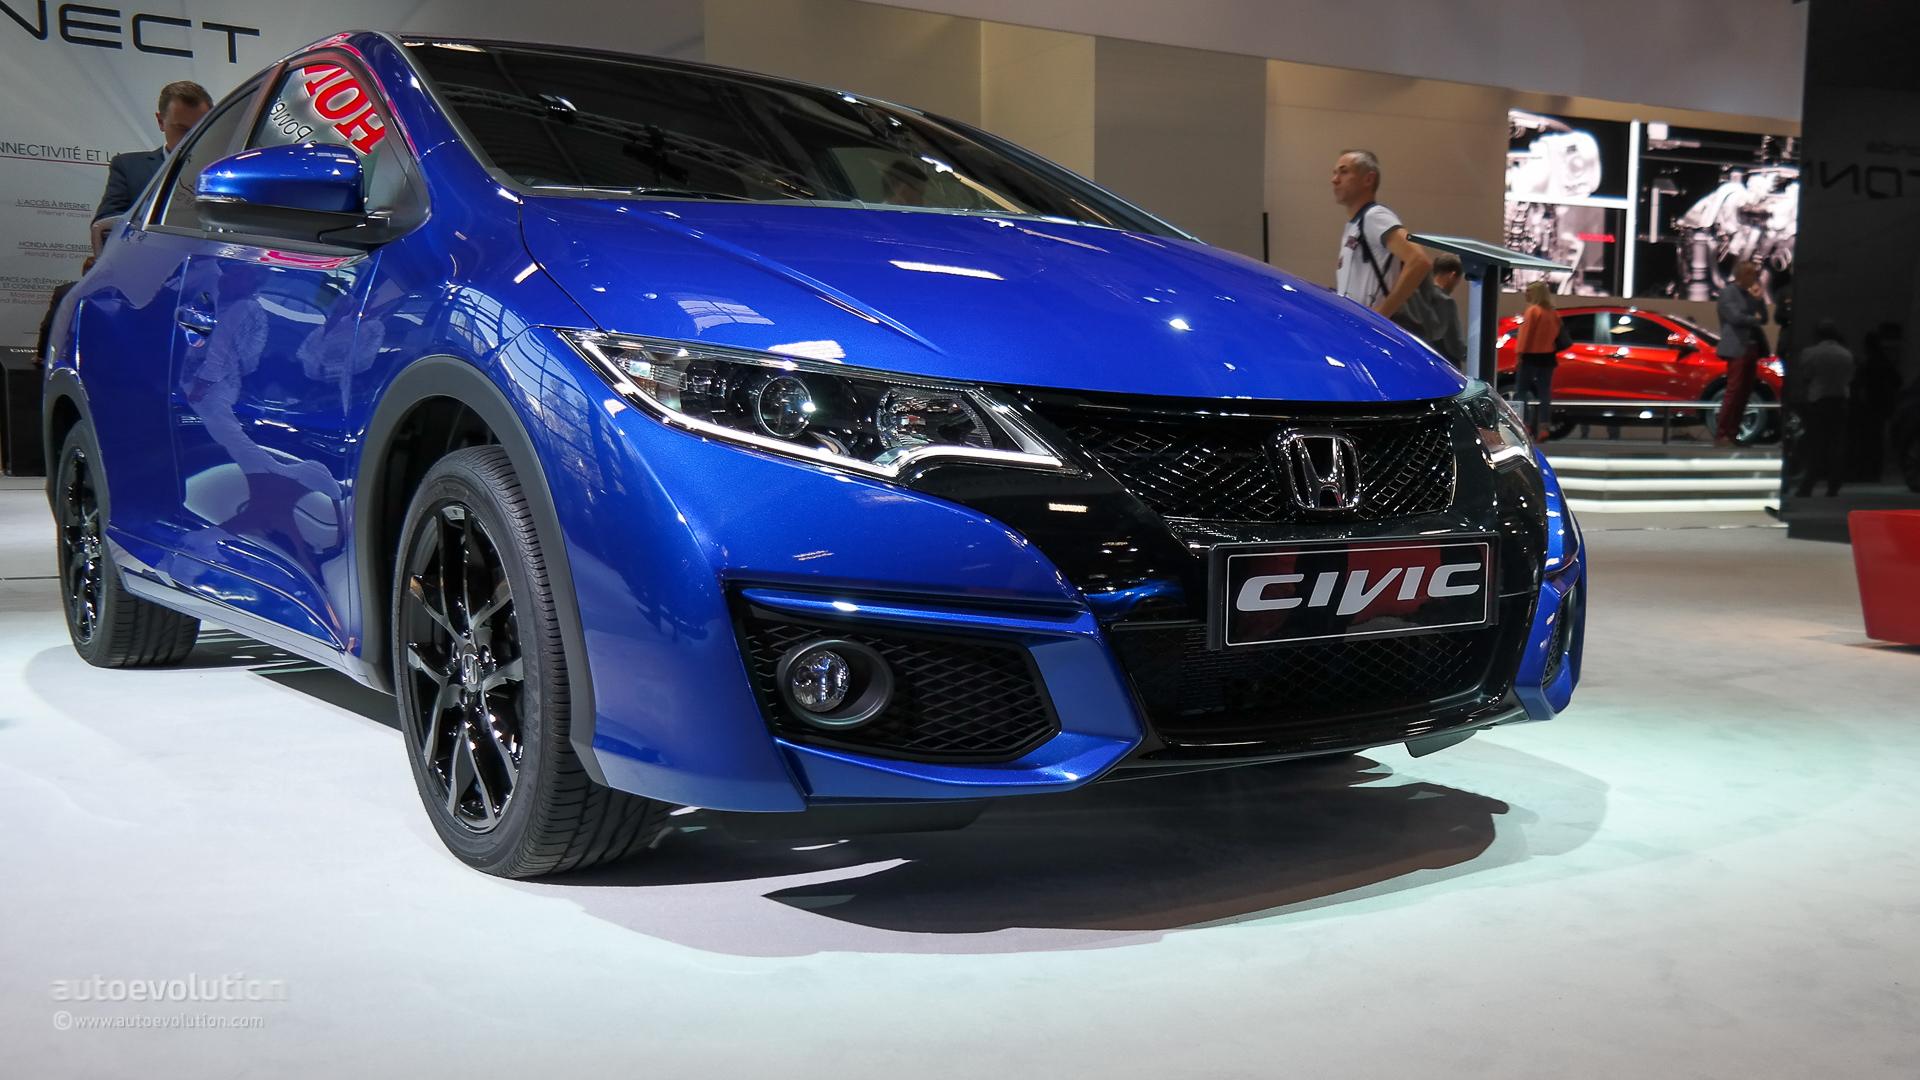 Honda Civic 5-Door Hatchback Coming to the US in 2016 ...